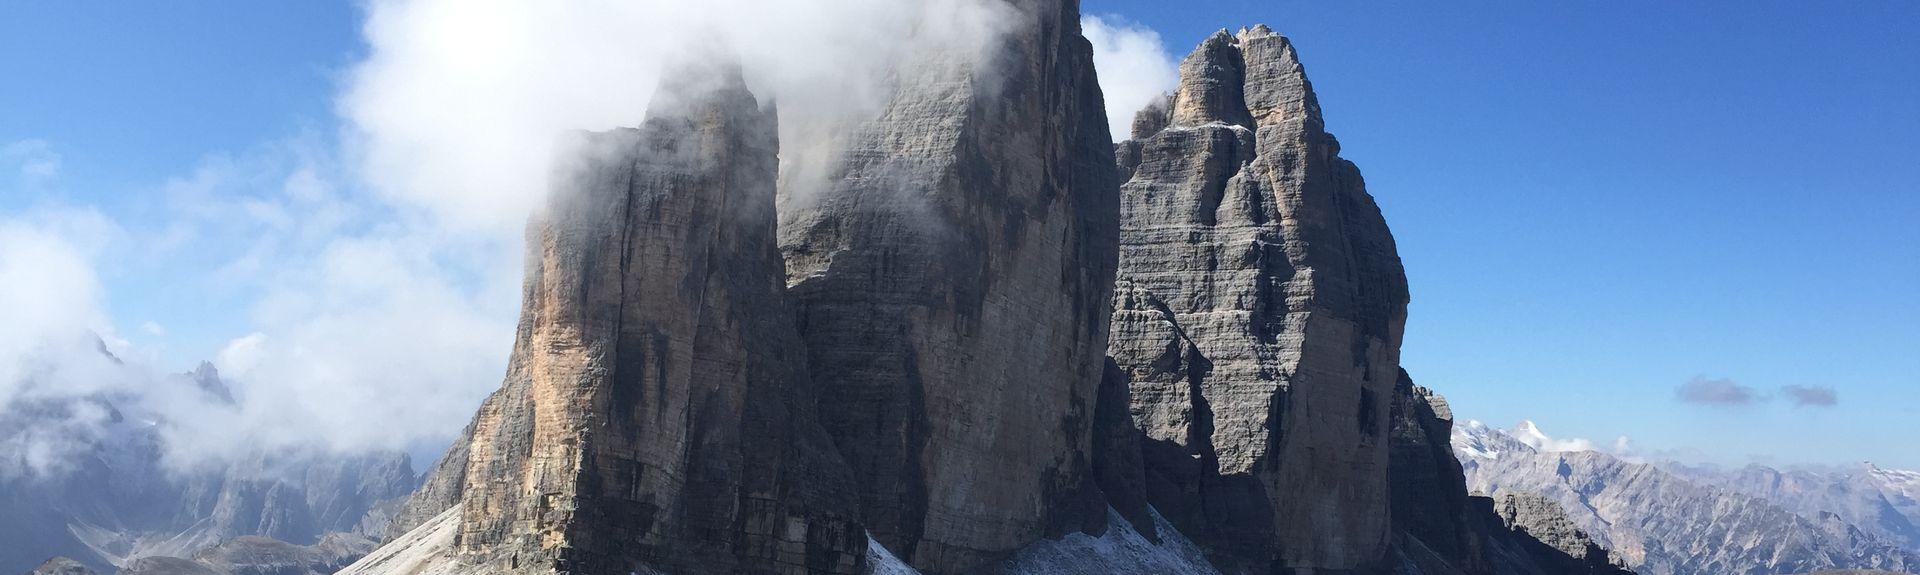 Falconeria Dolomiti, Cortina d'Ampezzo, Veneto, Italia